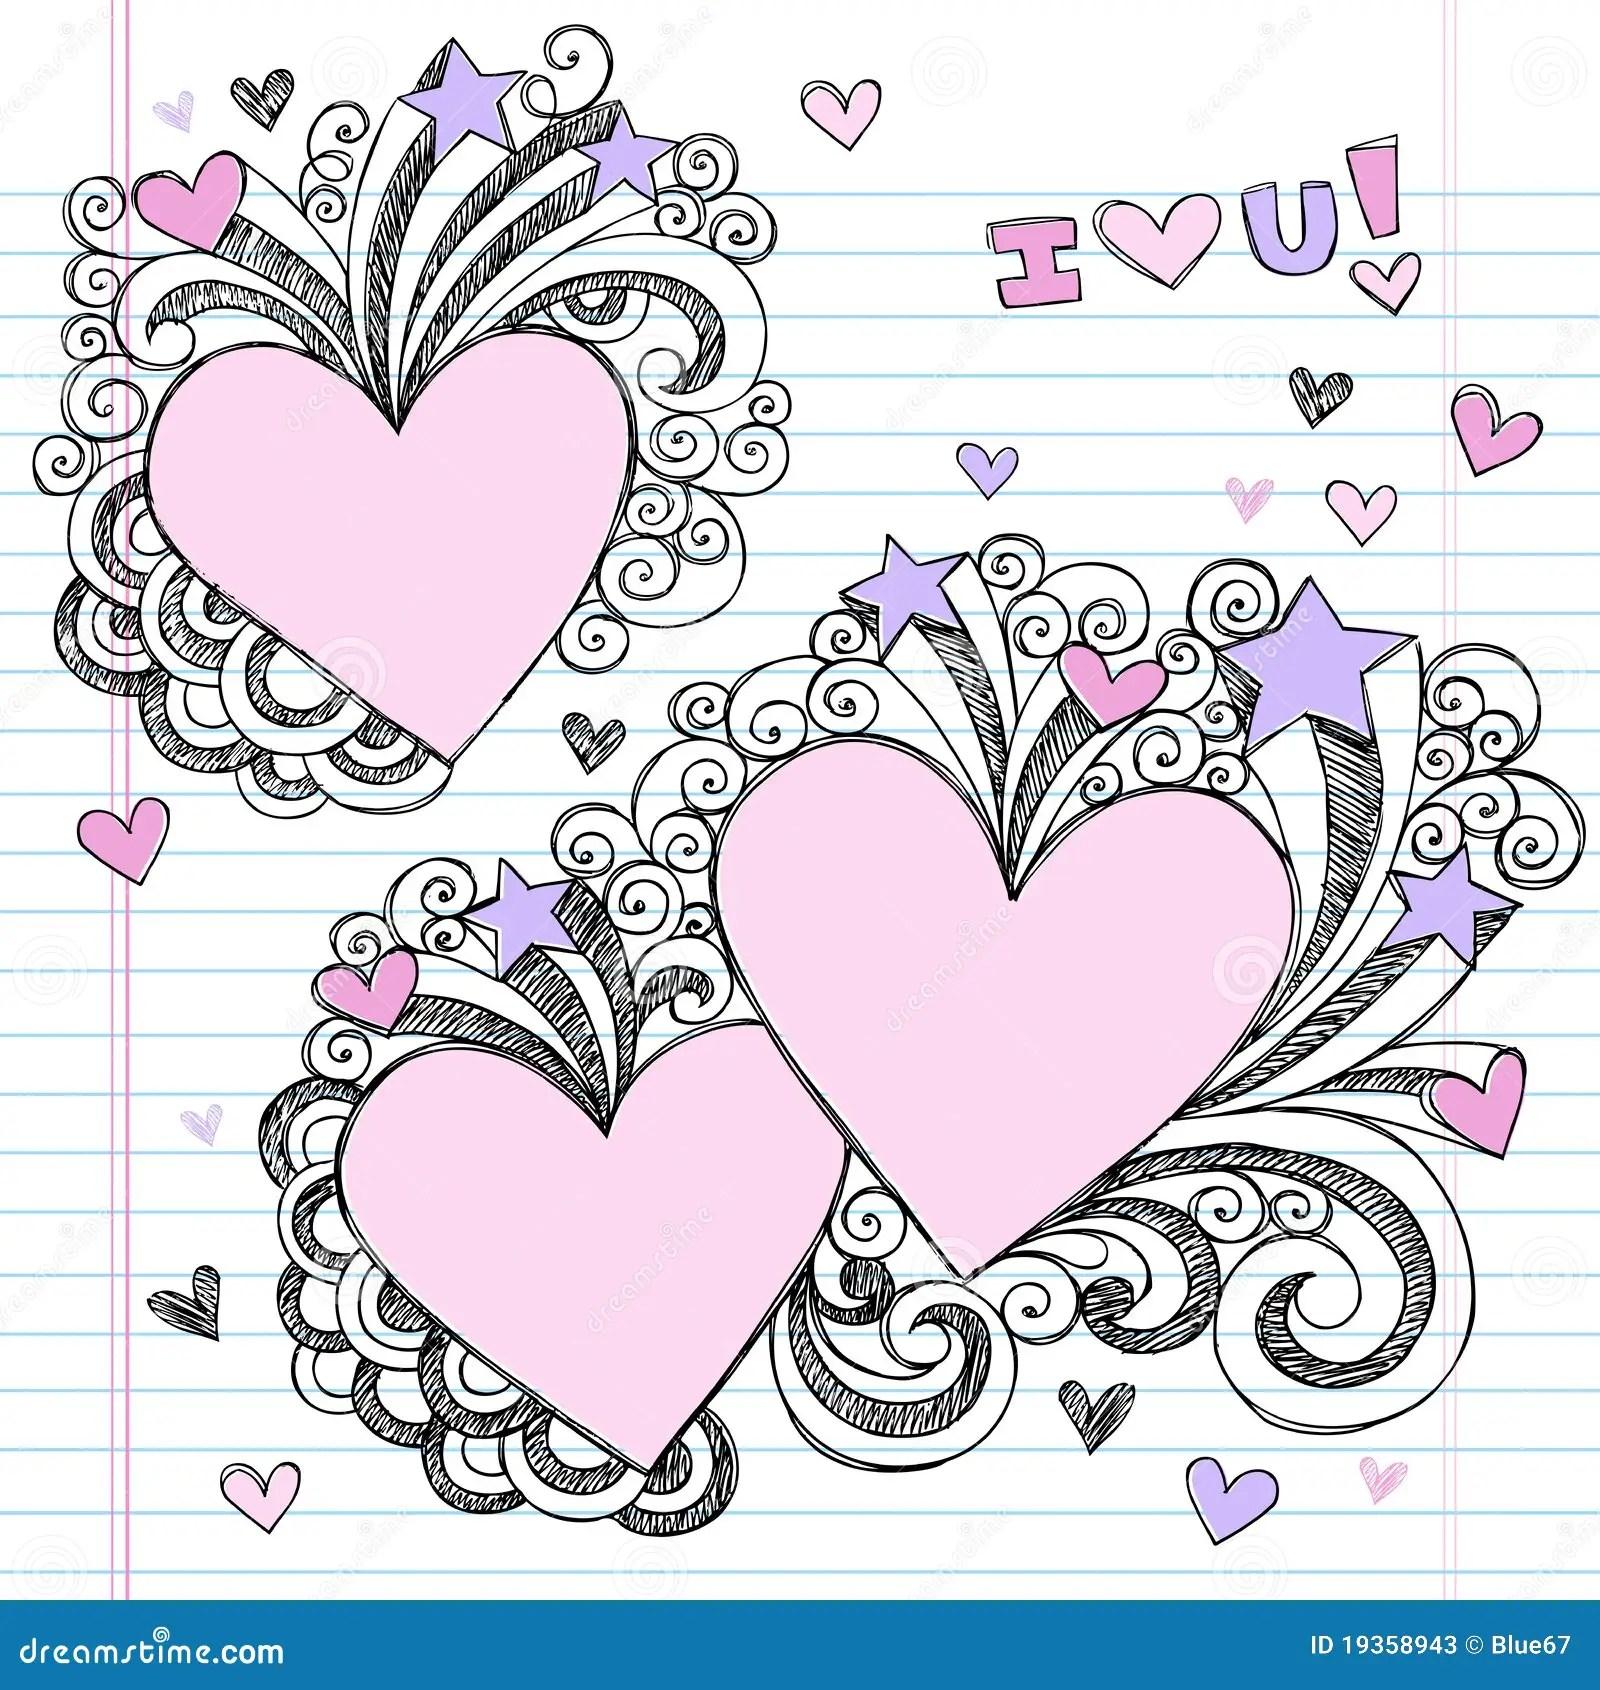 Loving Valentine Quotes